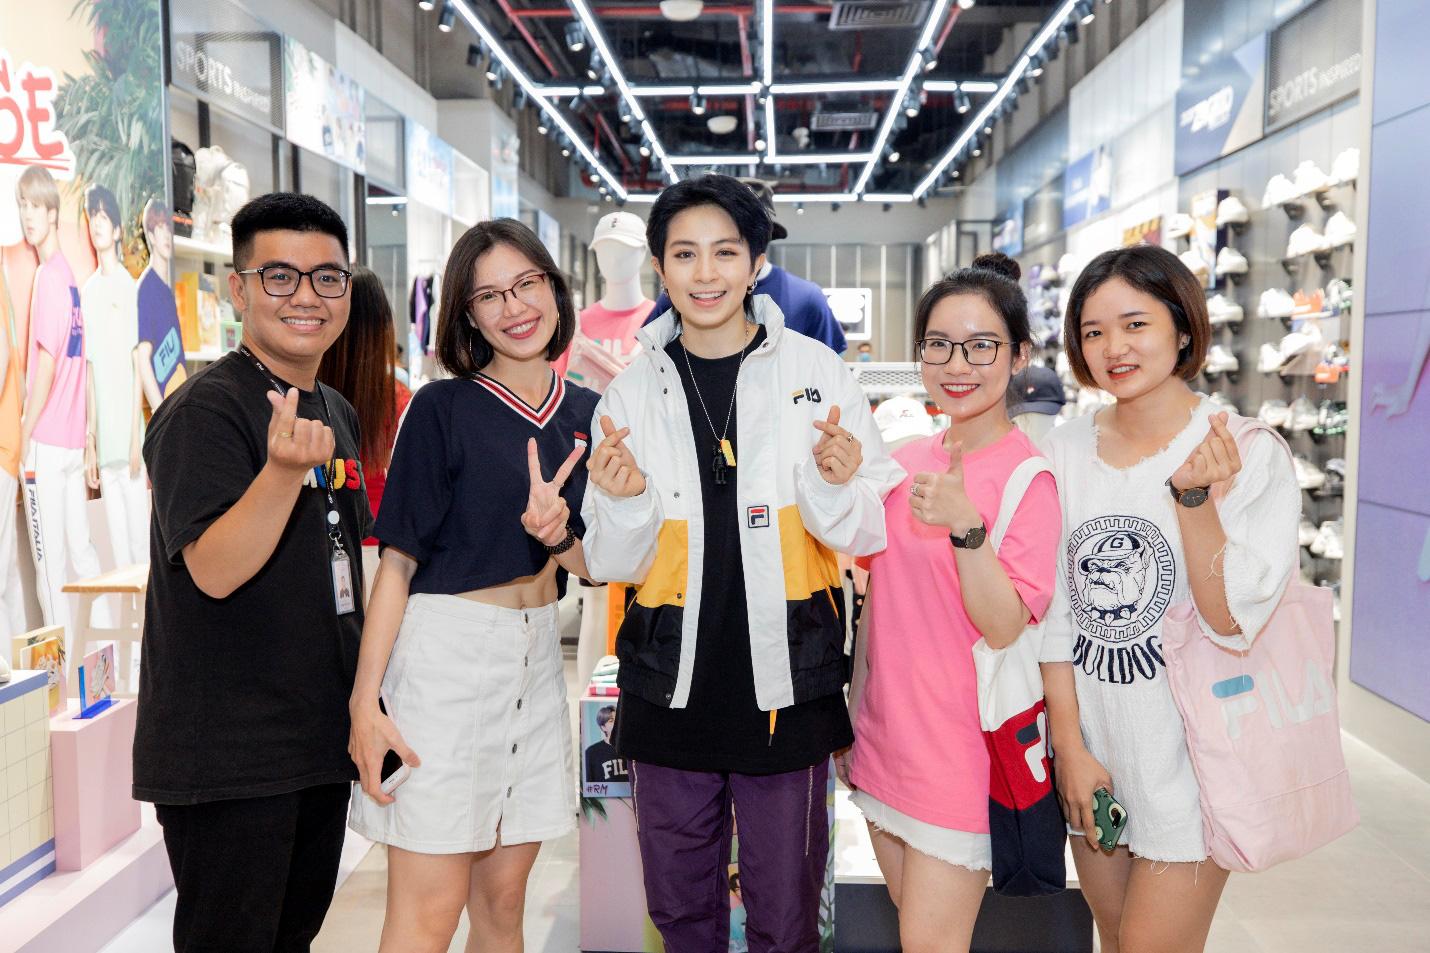 Gil Lê và dàn fashionista Sài thành tụ hội trong ngày FILA ra mắt cửa hàng đầu tiên tại Việt Nam - Ảnh 2.